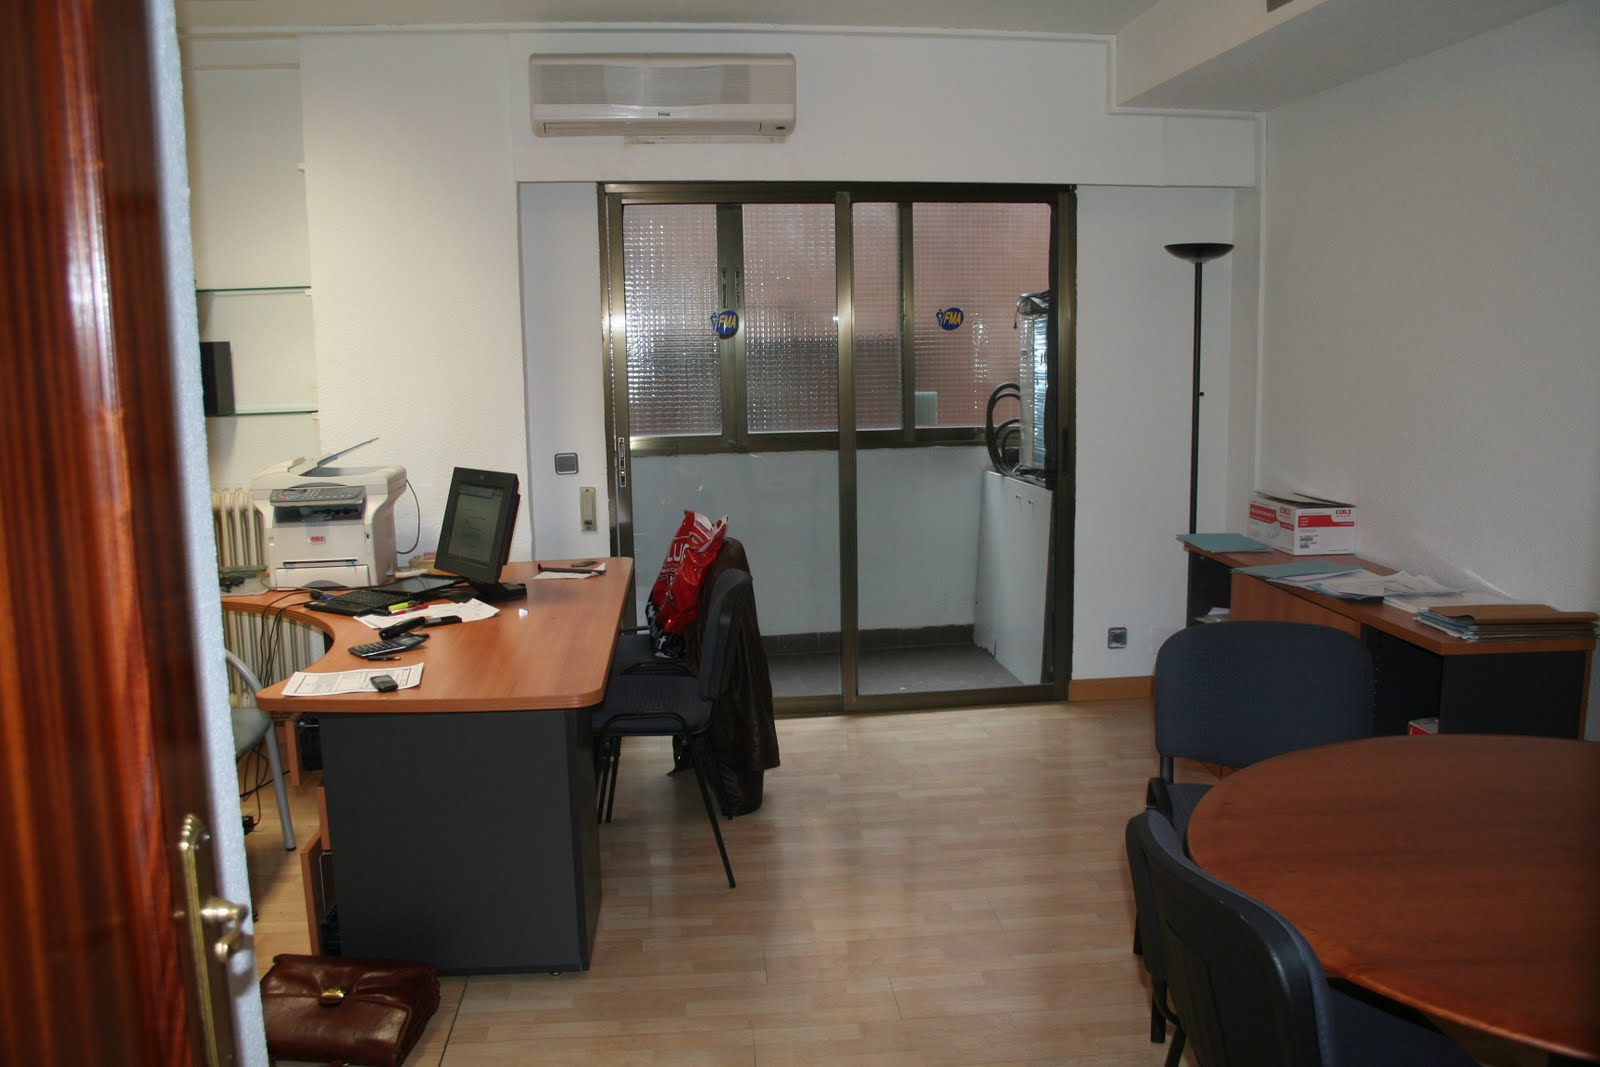 Oficinas madrid oficina reformada en alquiler en for Oficinas envialia madrid